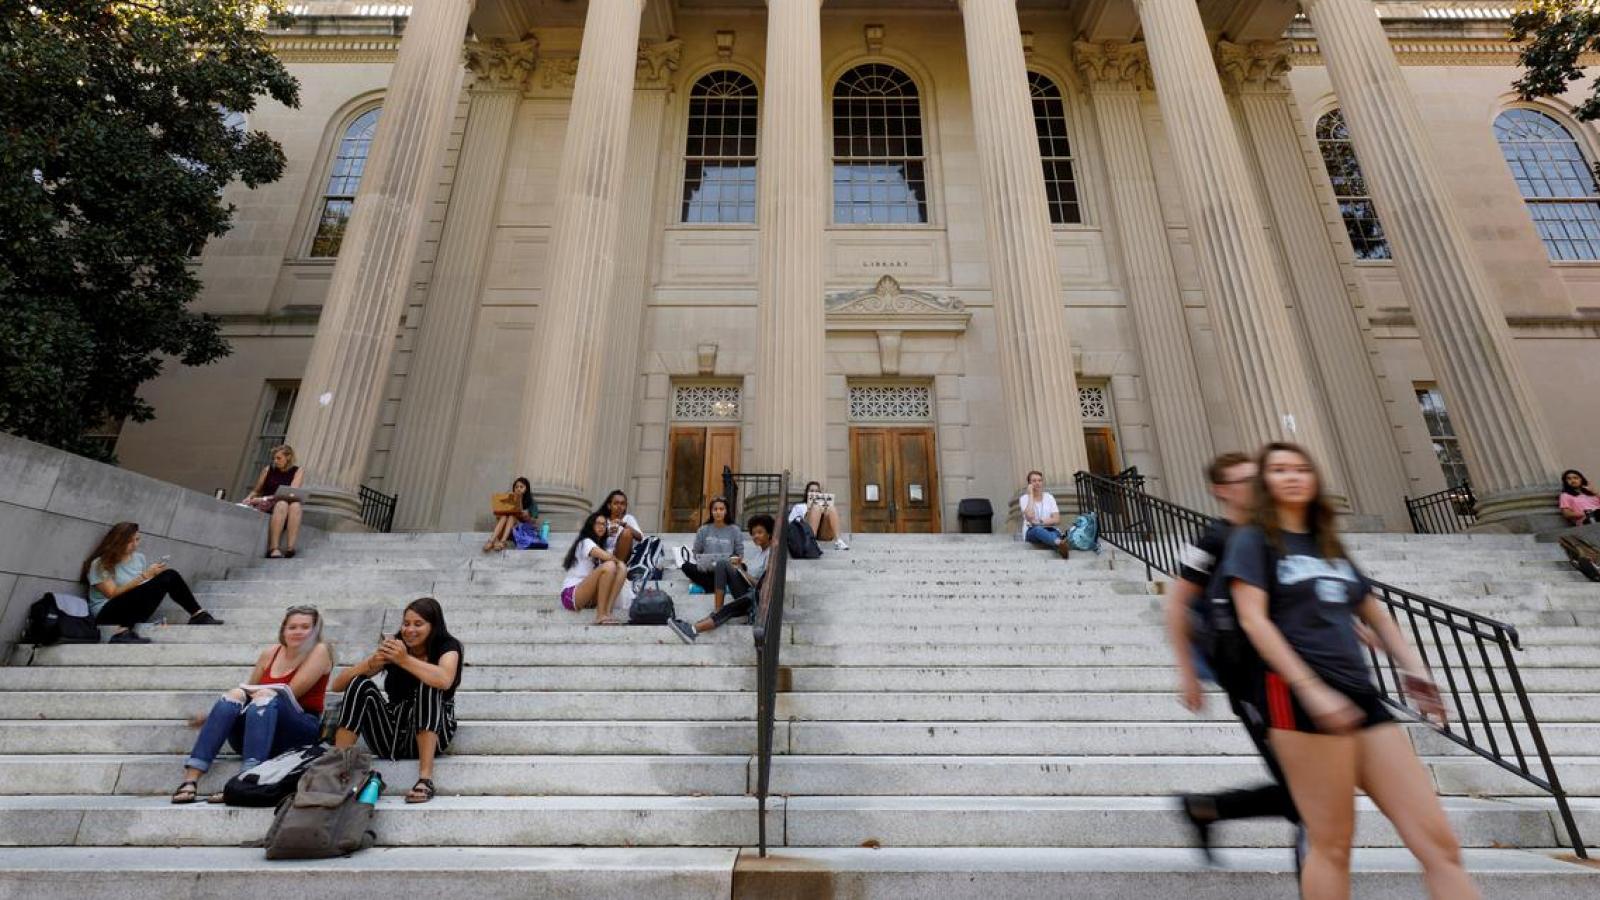 Mỹ hủy thị thực của hơn 1.000 sinh viên và nghiên cứu sinh Trung Quốc